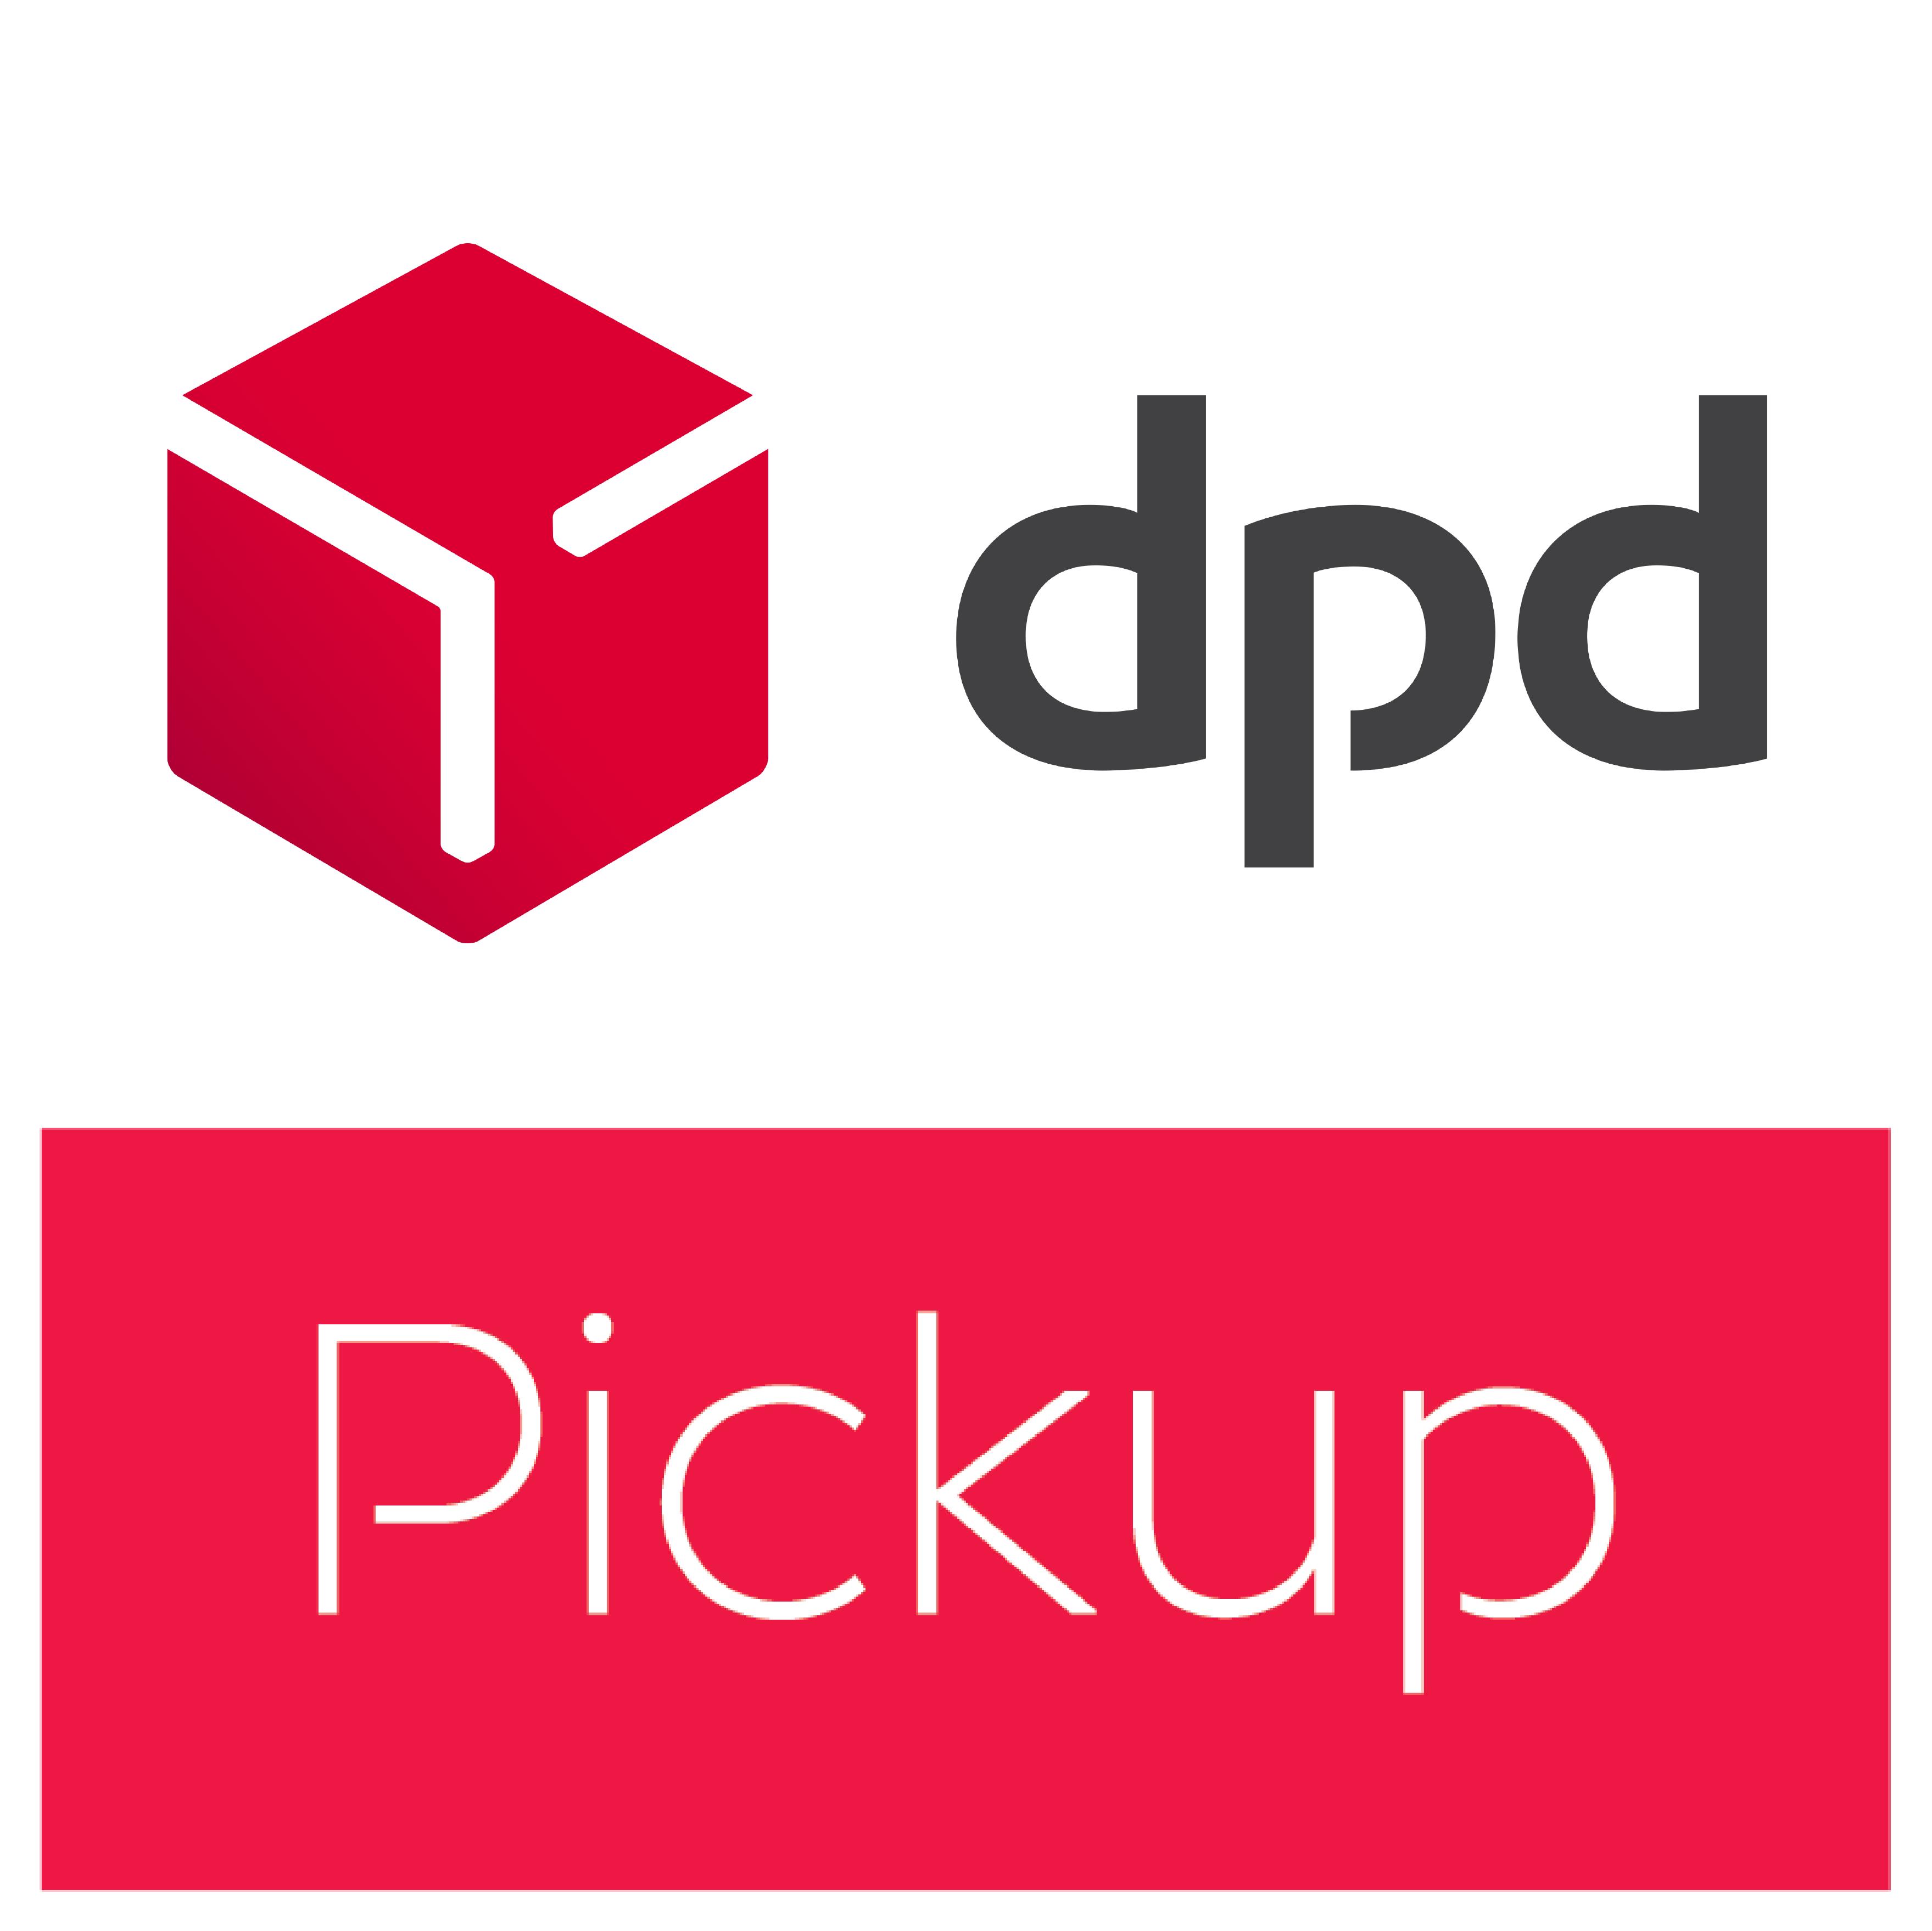 pickup_logo.png